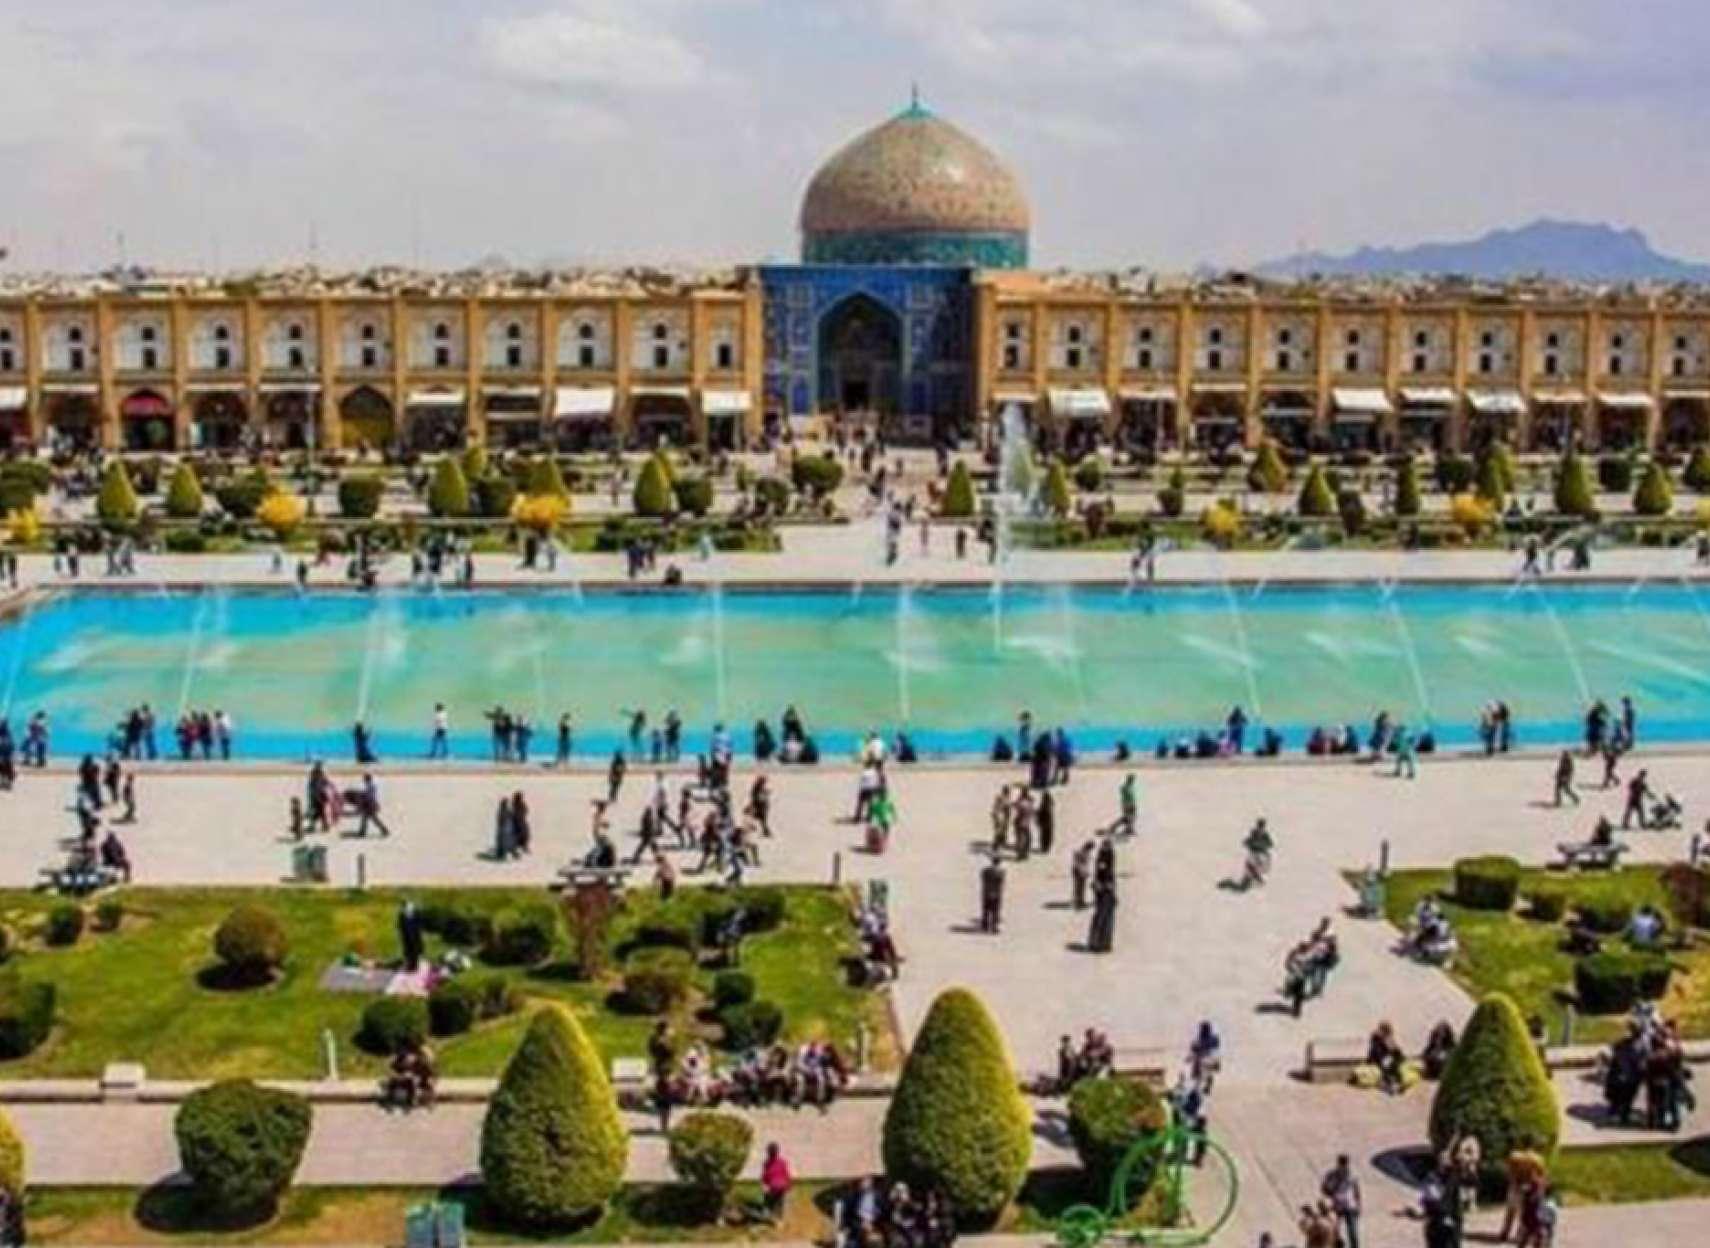 اقتصاد-تنباکویی-خسارت-چند-صد-میلیاردی-کرونا-برای-گردشگری-ایران